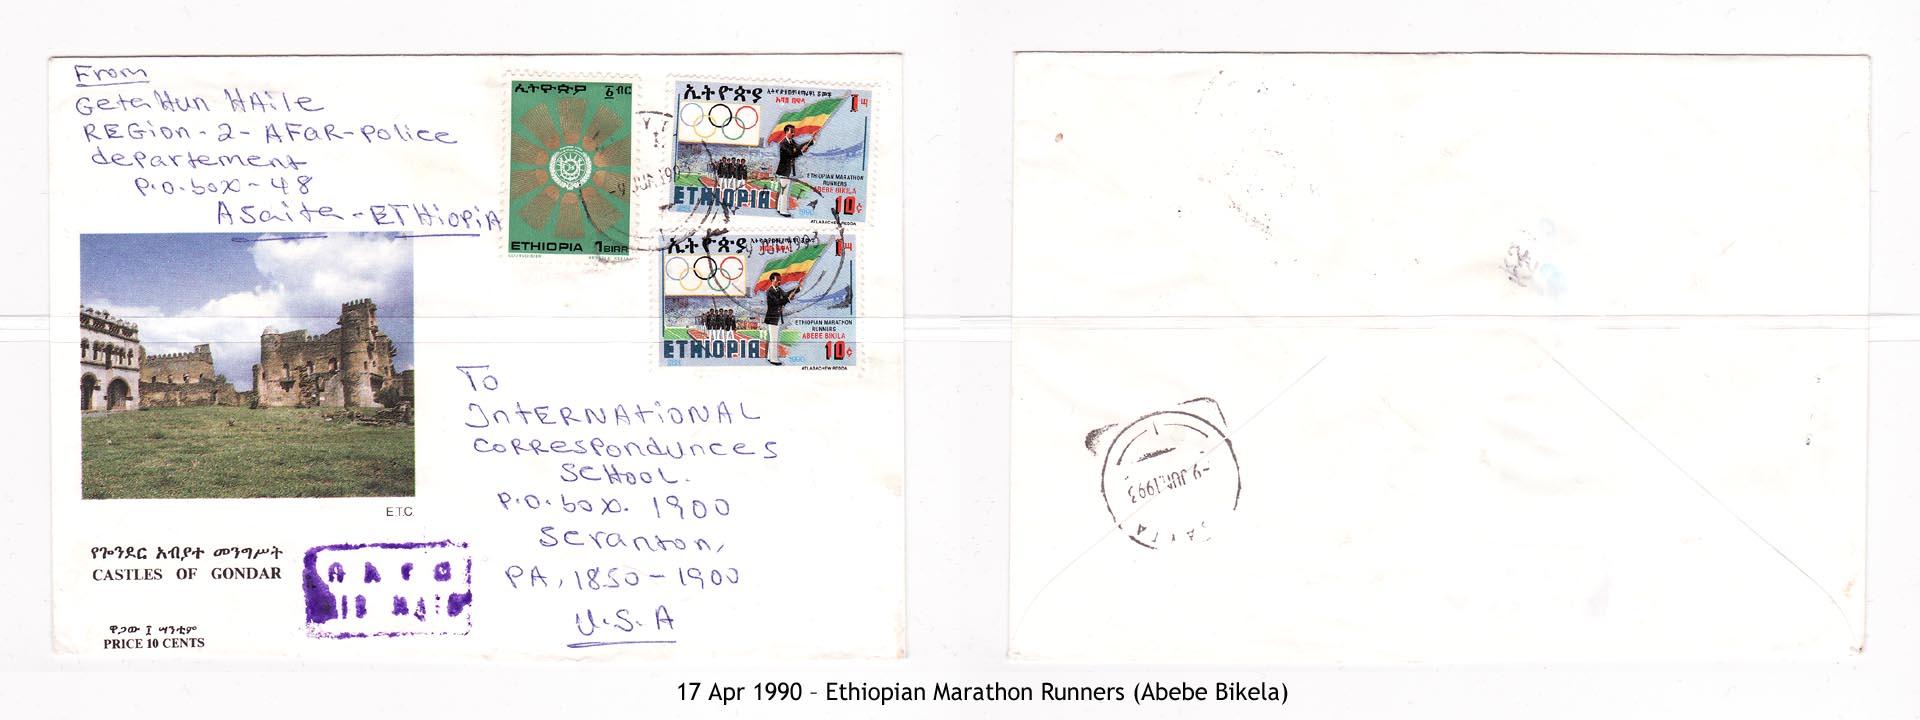 19900417 – Ethiopian Marathon Runners (Abebe Bikela)